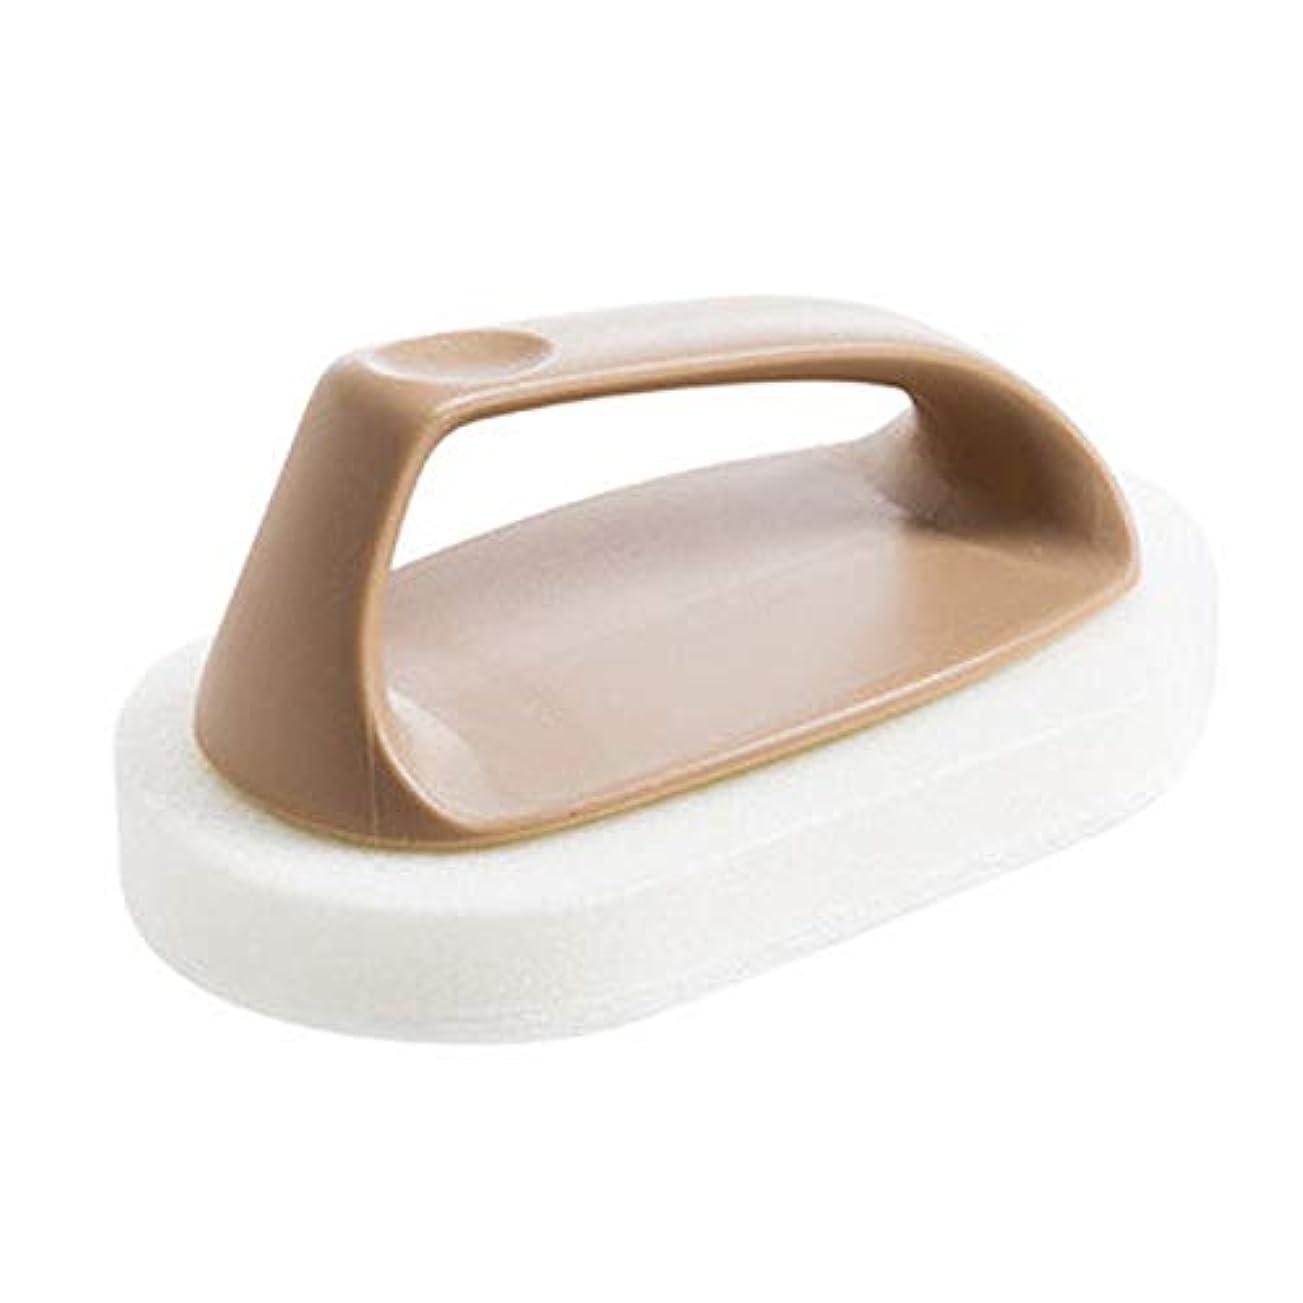 ホイットニー染料細分化するポアクリーニング スポンジバスバスルーム強力な汚染除去タイルキッチンウォッシュポットクリーニングブラシストーブスポンジ2 PC マッサージブラシ (色 : 褐色)